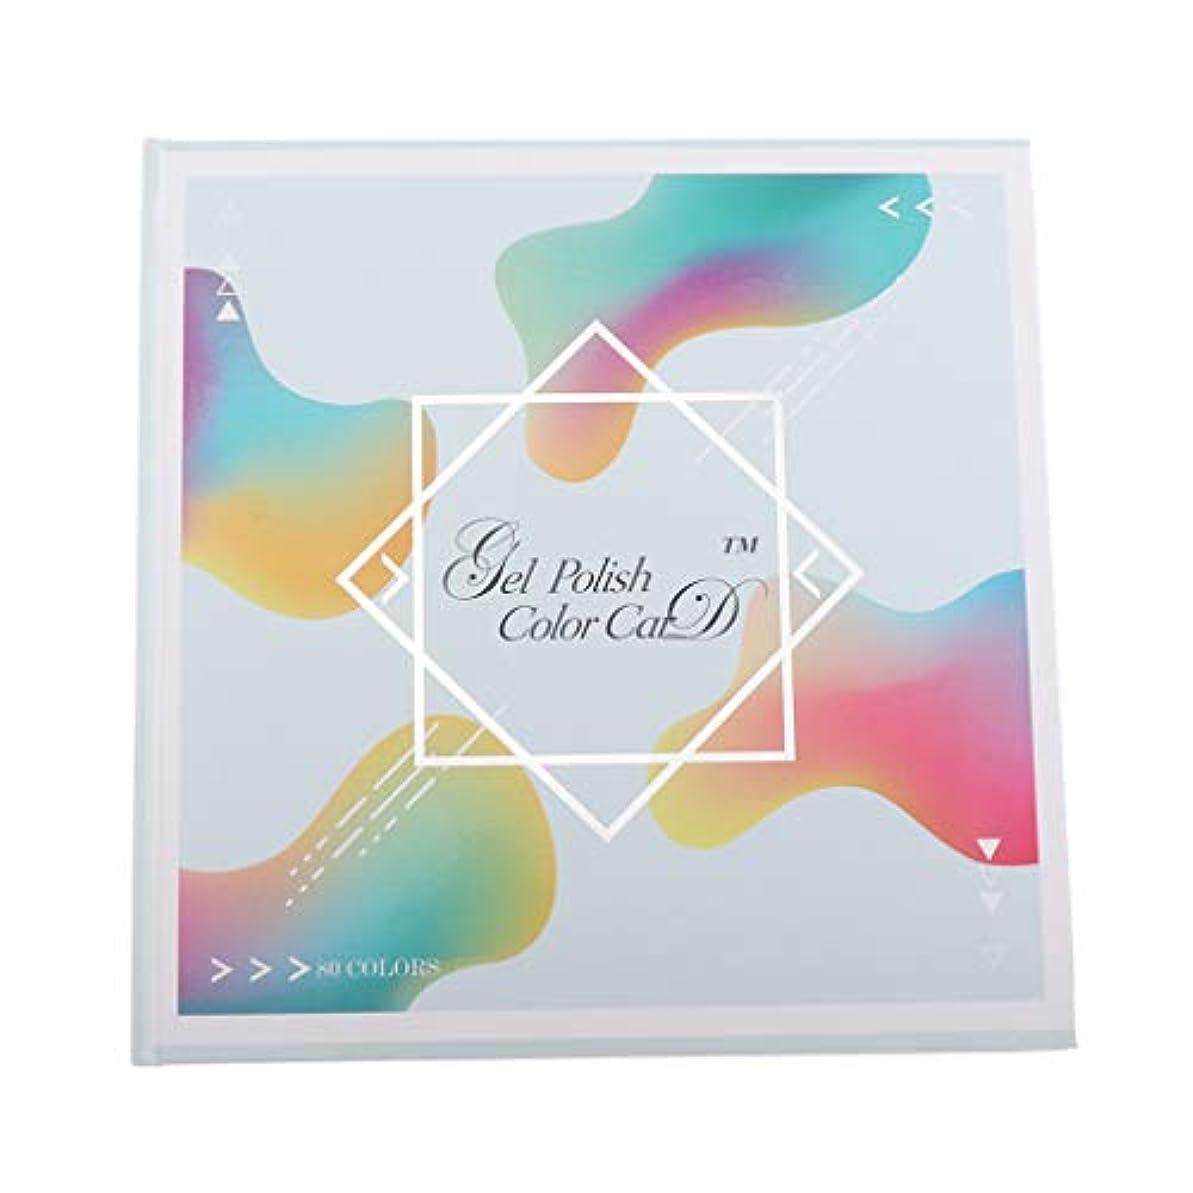 書き込み素子おばあさんネイルカラーカードブック ネイルポリッシュ表示 ネイルアート色見本 ネイルアート用 折り畳み式 全3種 - 01